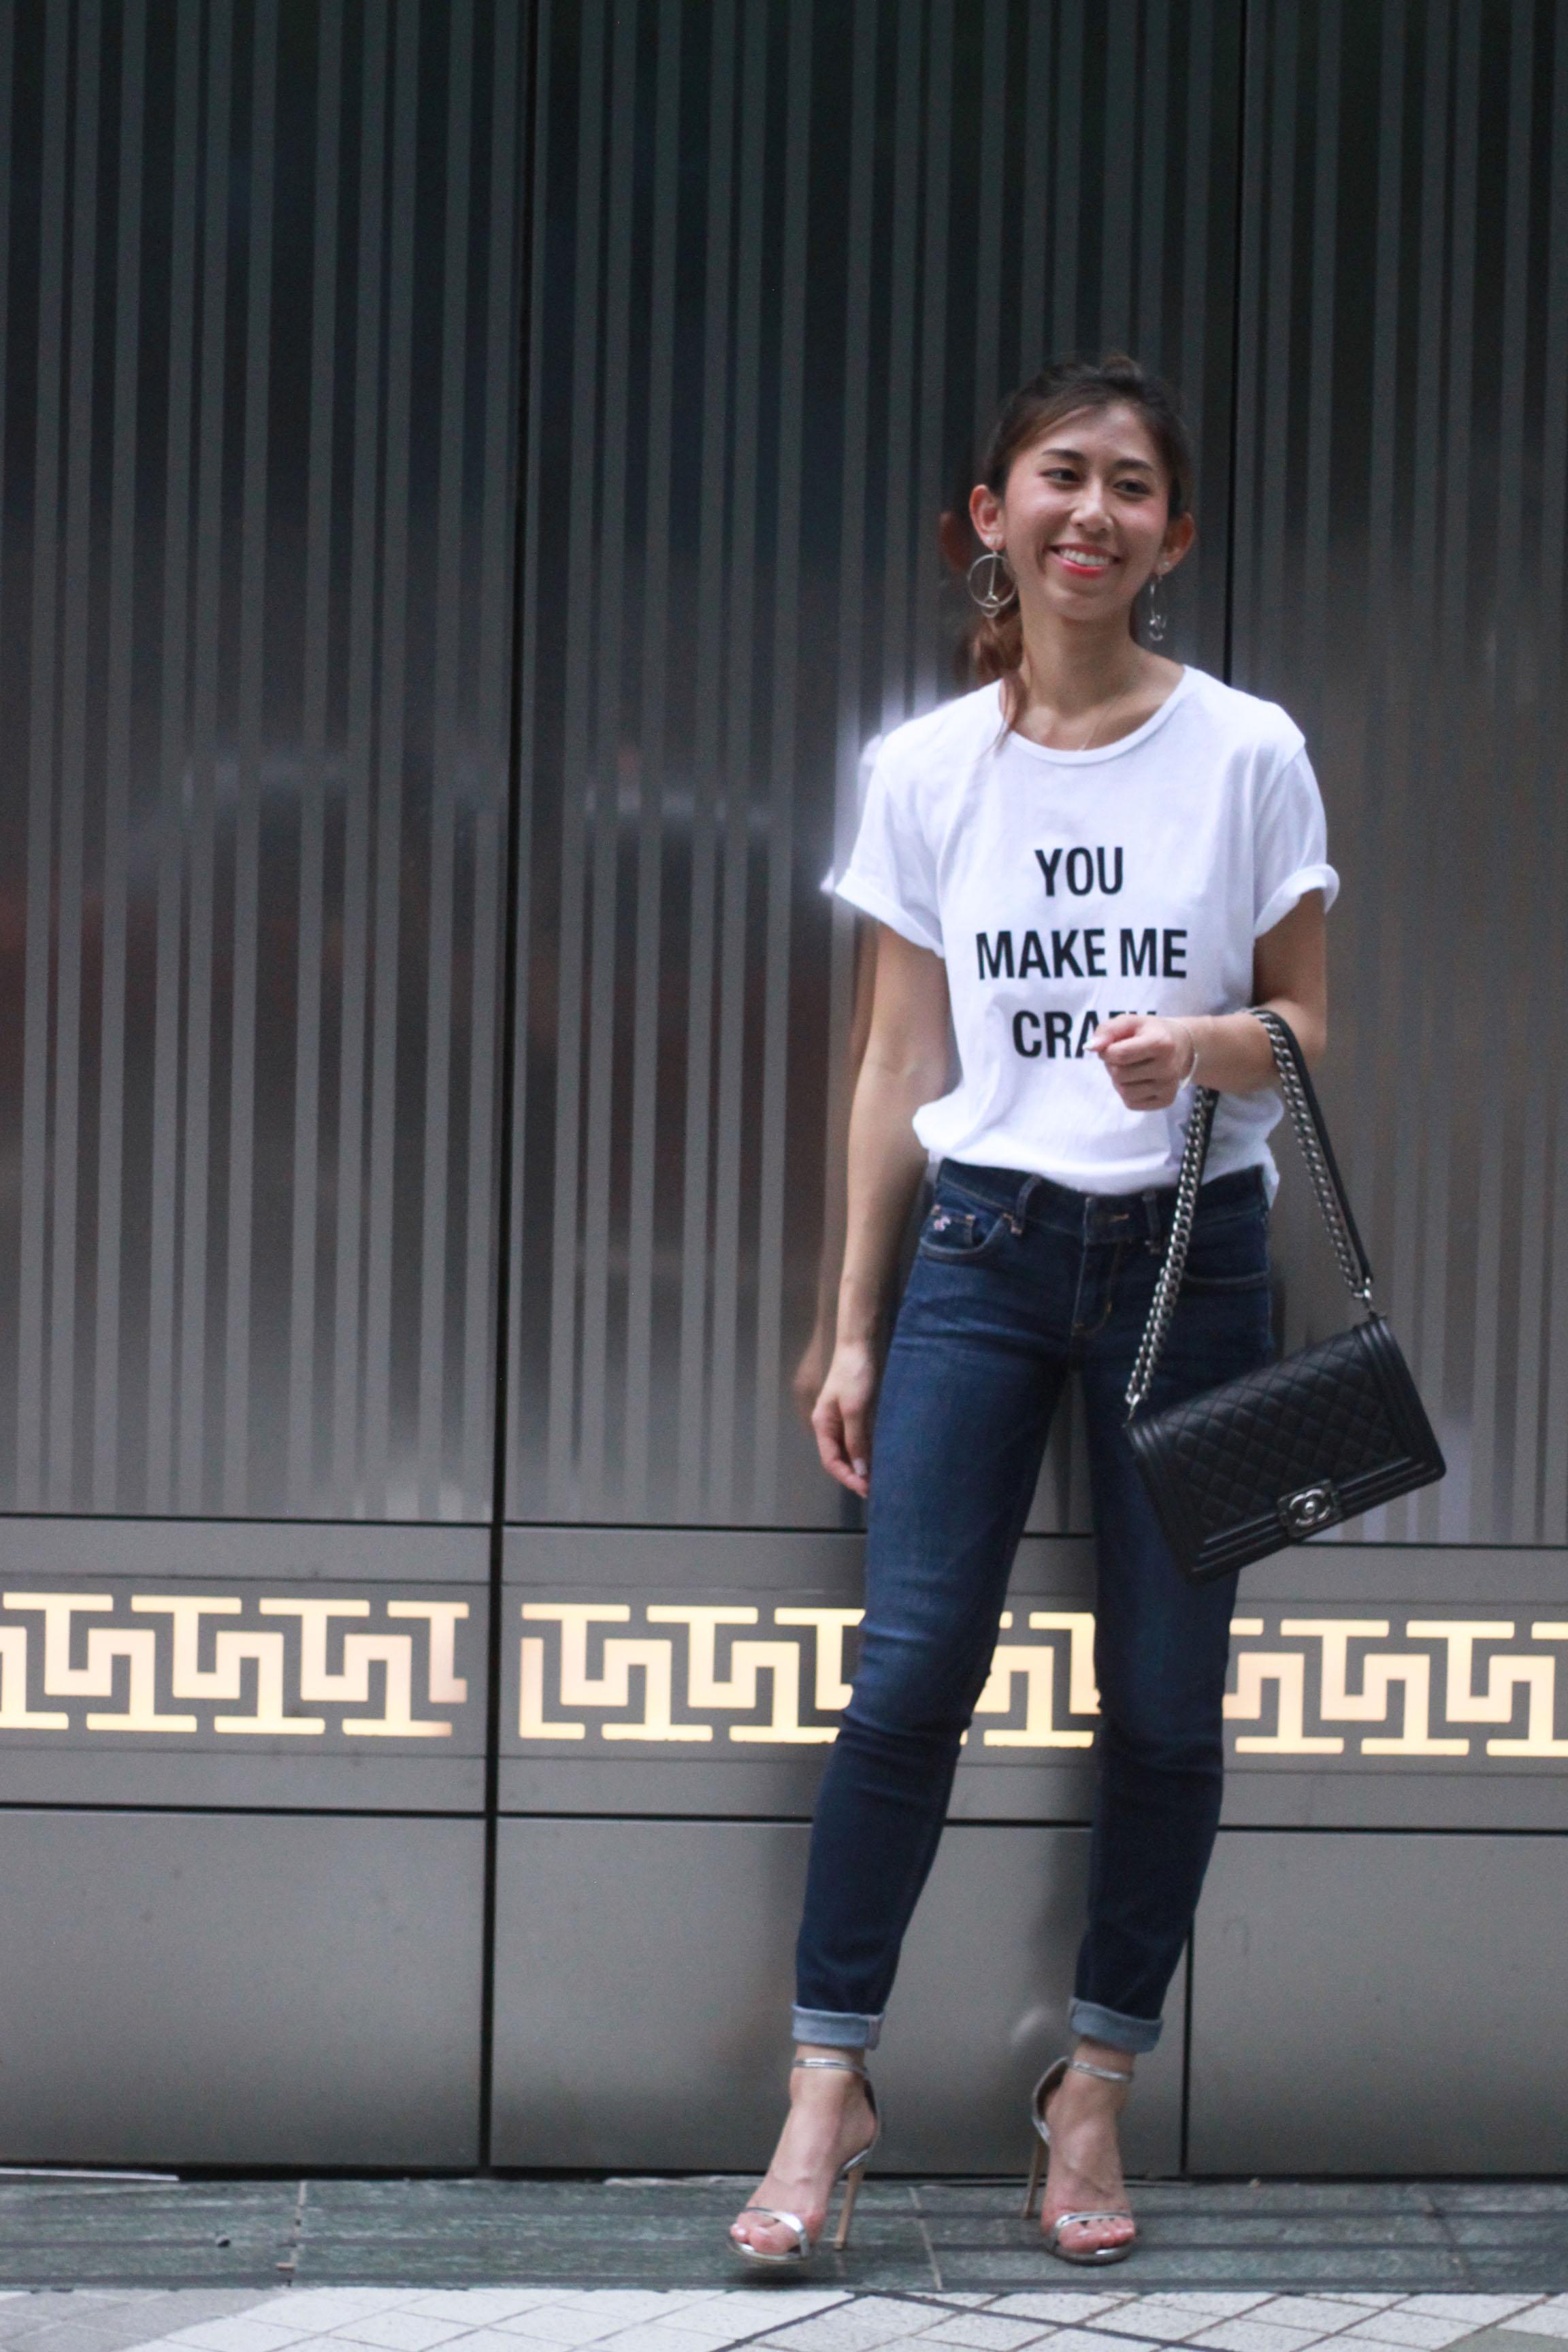 Zara t-shirt / Hollister jeans / Stuart Weitzman nudist song tin glass microfibre sandals  / Chanel boy